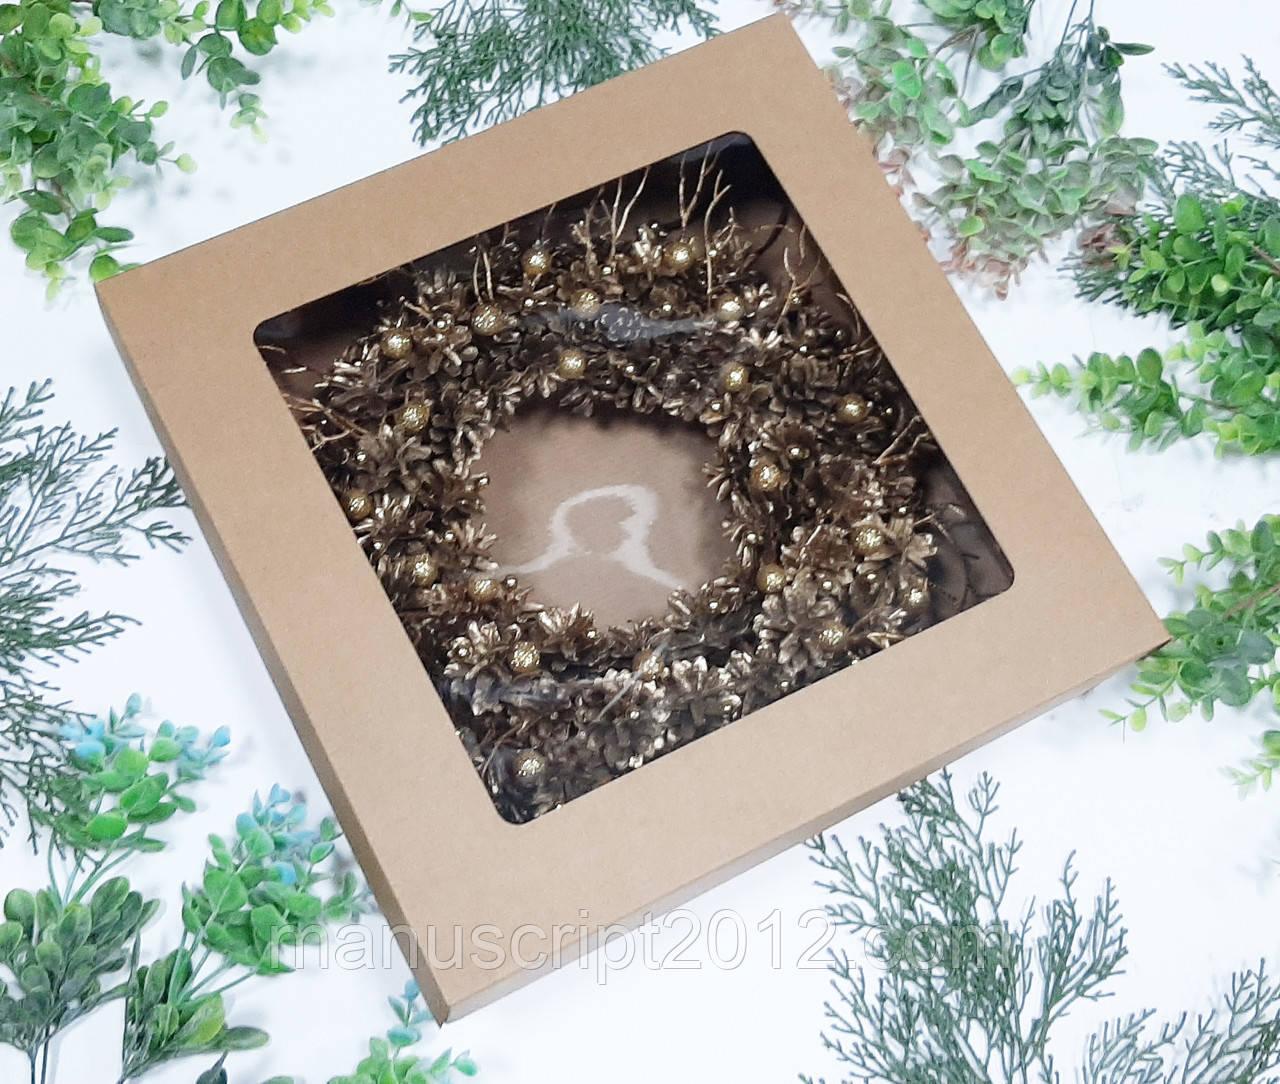 Кооробка  с  крышкой 360х360х100 мм. для подарков, новогодних венков